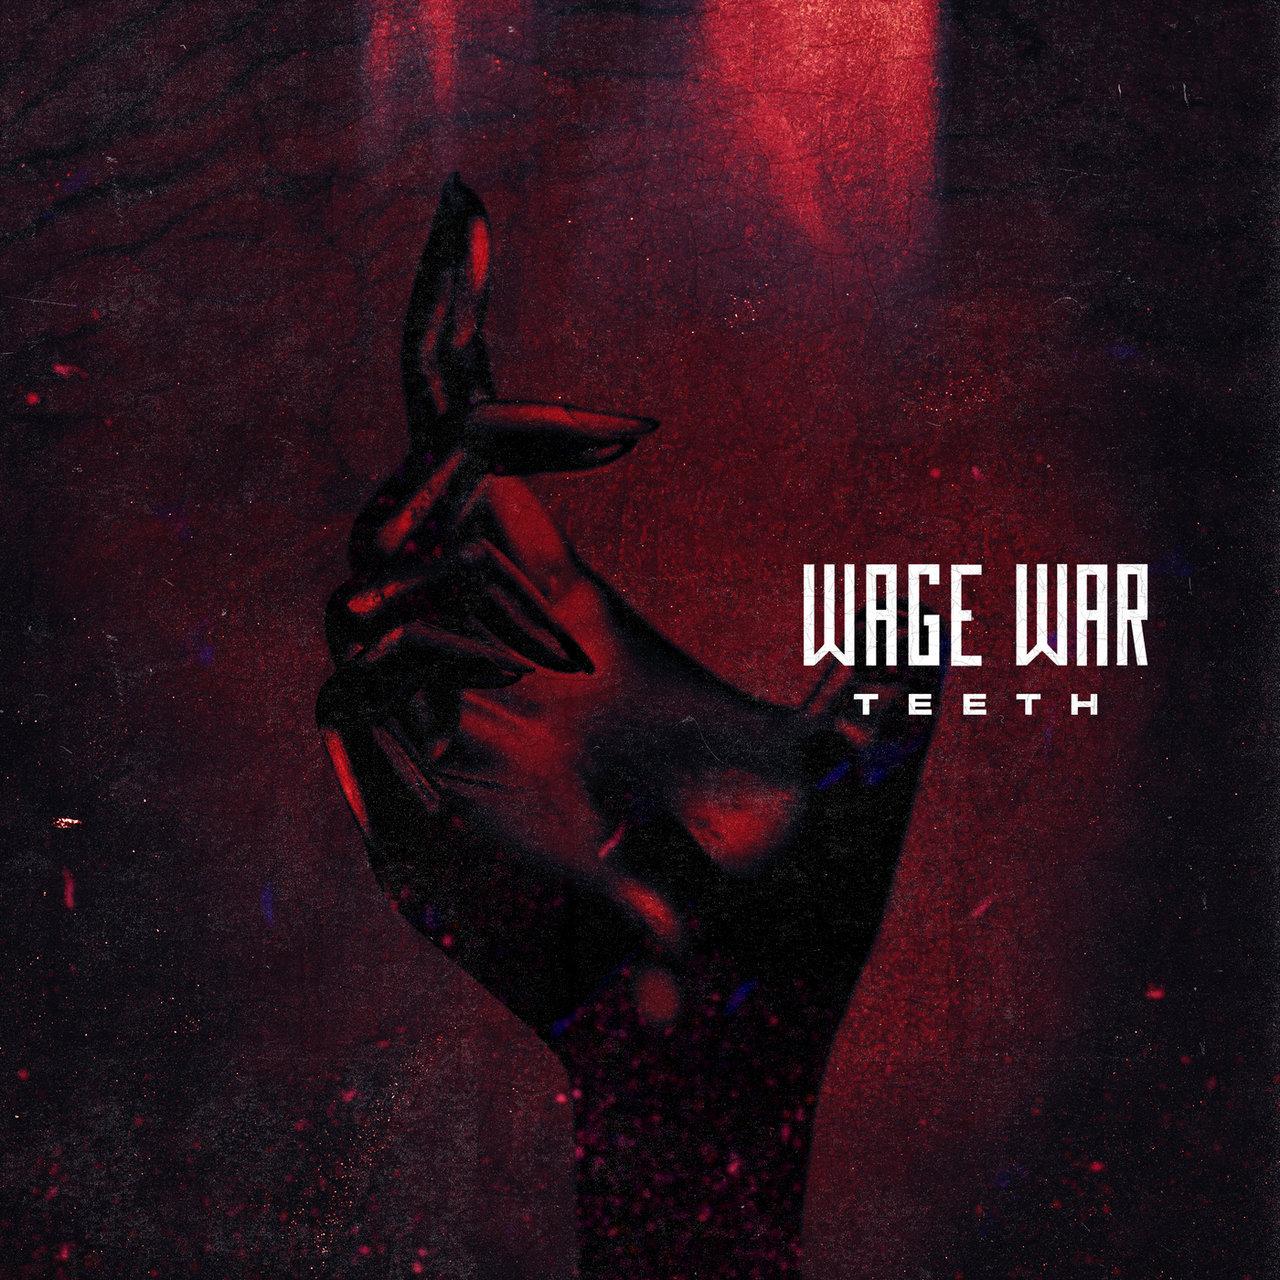 Wage War - Teeth [single] (2021)